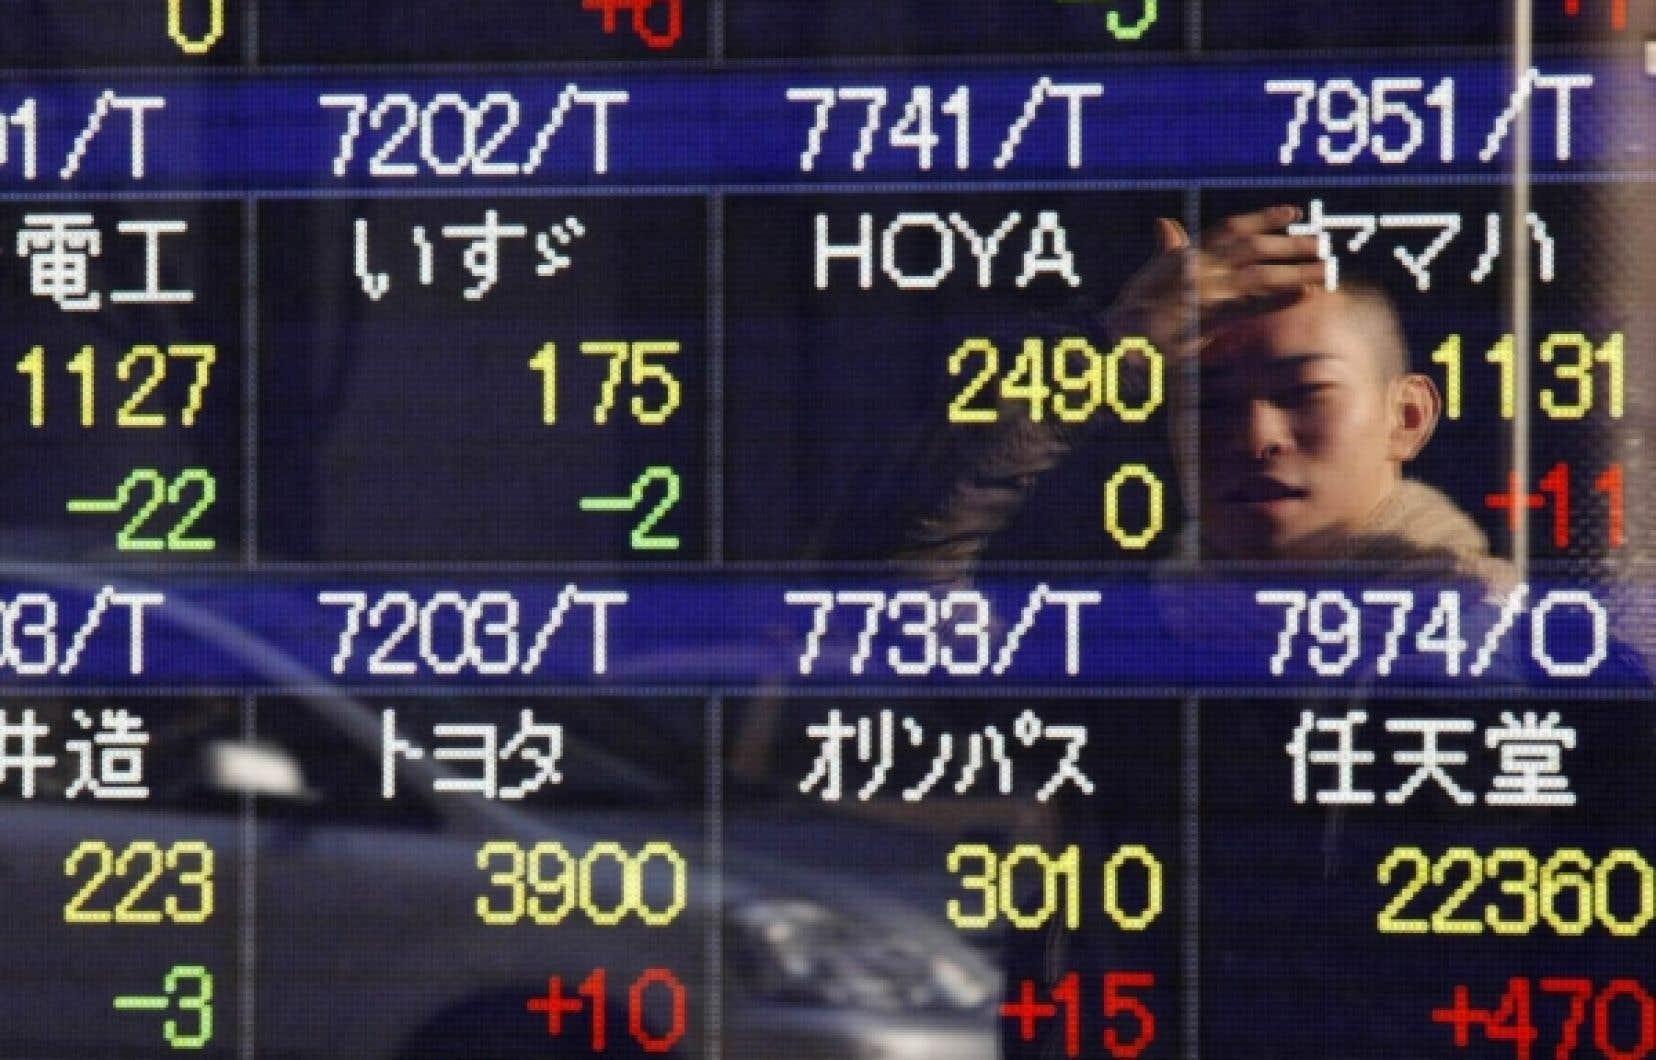 Selon un analyste de Moody's, les investisseurs pourraient éventuellement exiger une prime de risque pour financer les déficits.